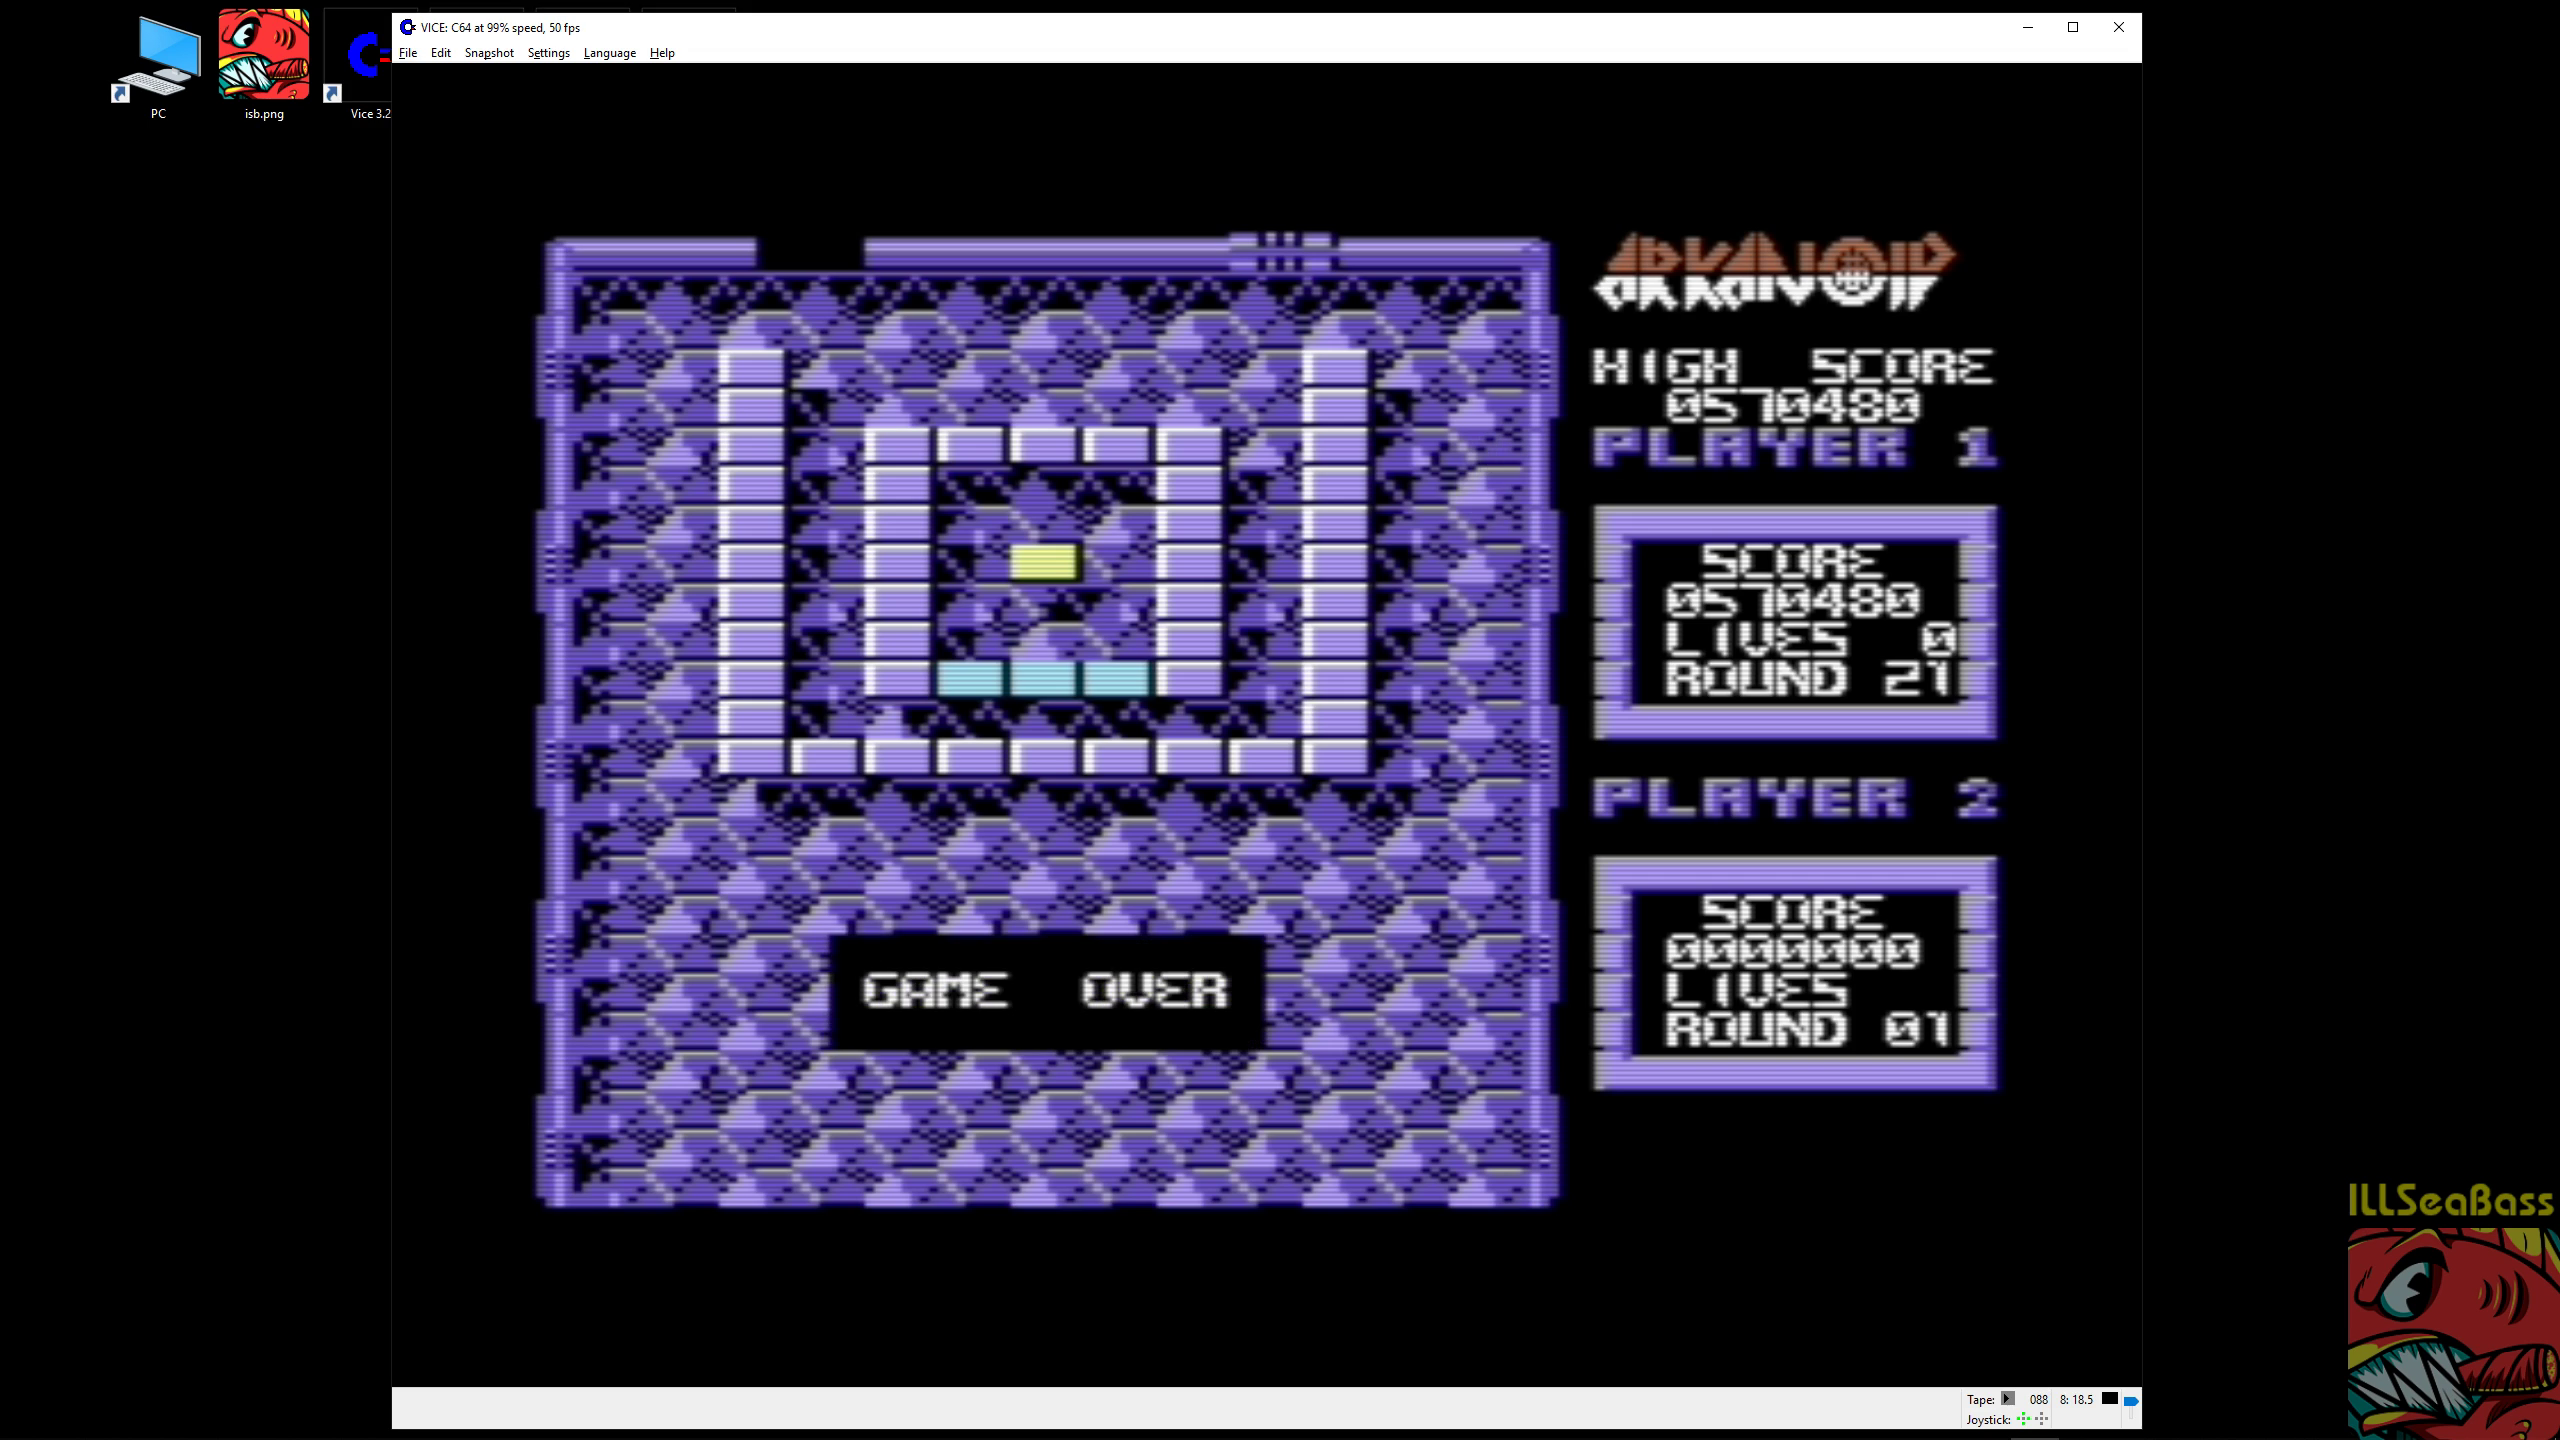 ILLSeaBass: Arkanoid (Commodore 64 Emulated) 570,480 points on 2019-02-21 06:36:25